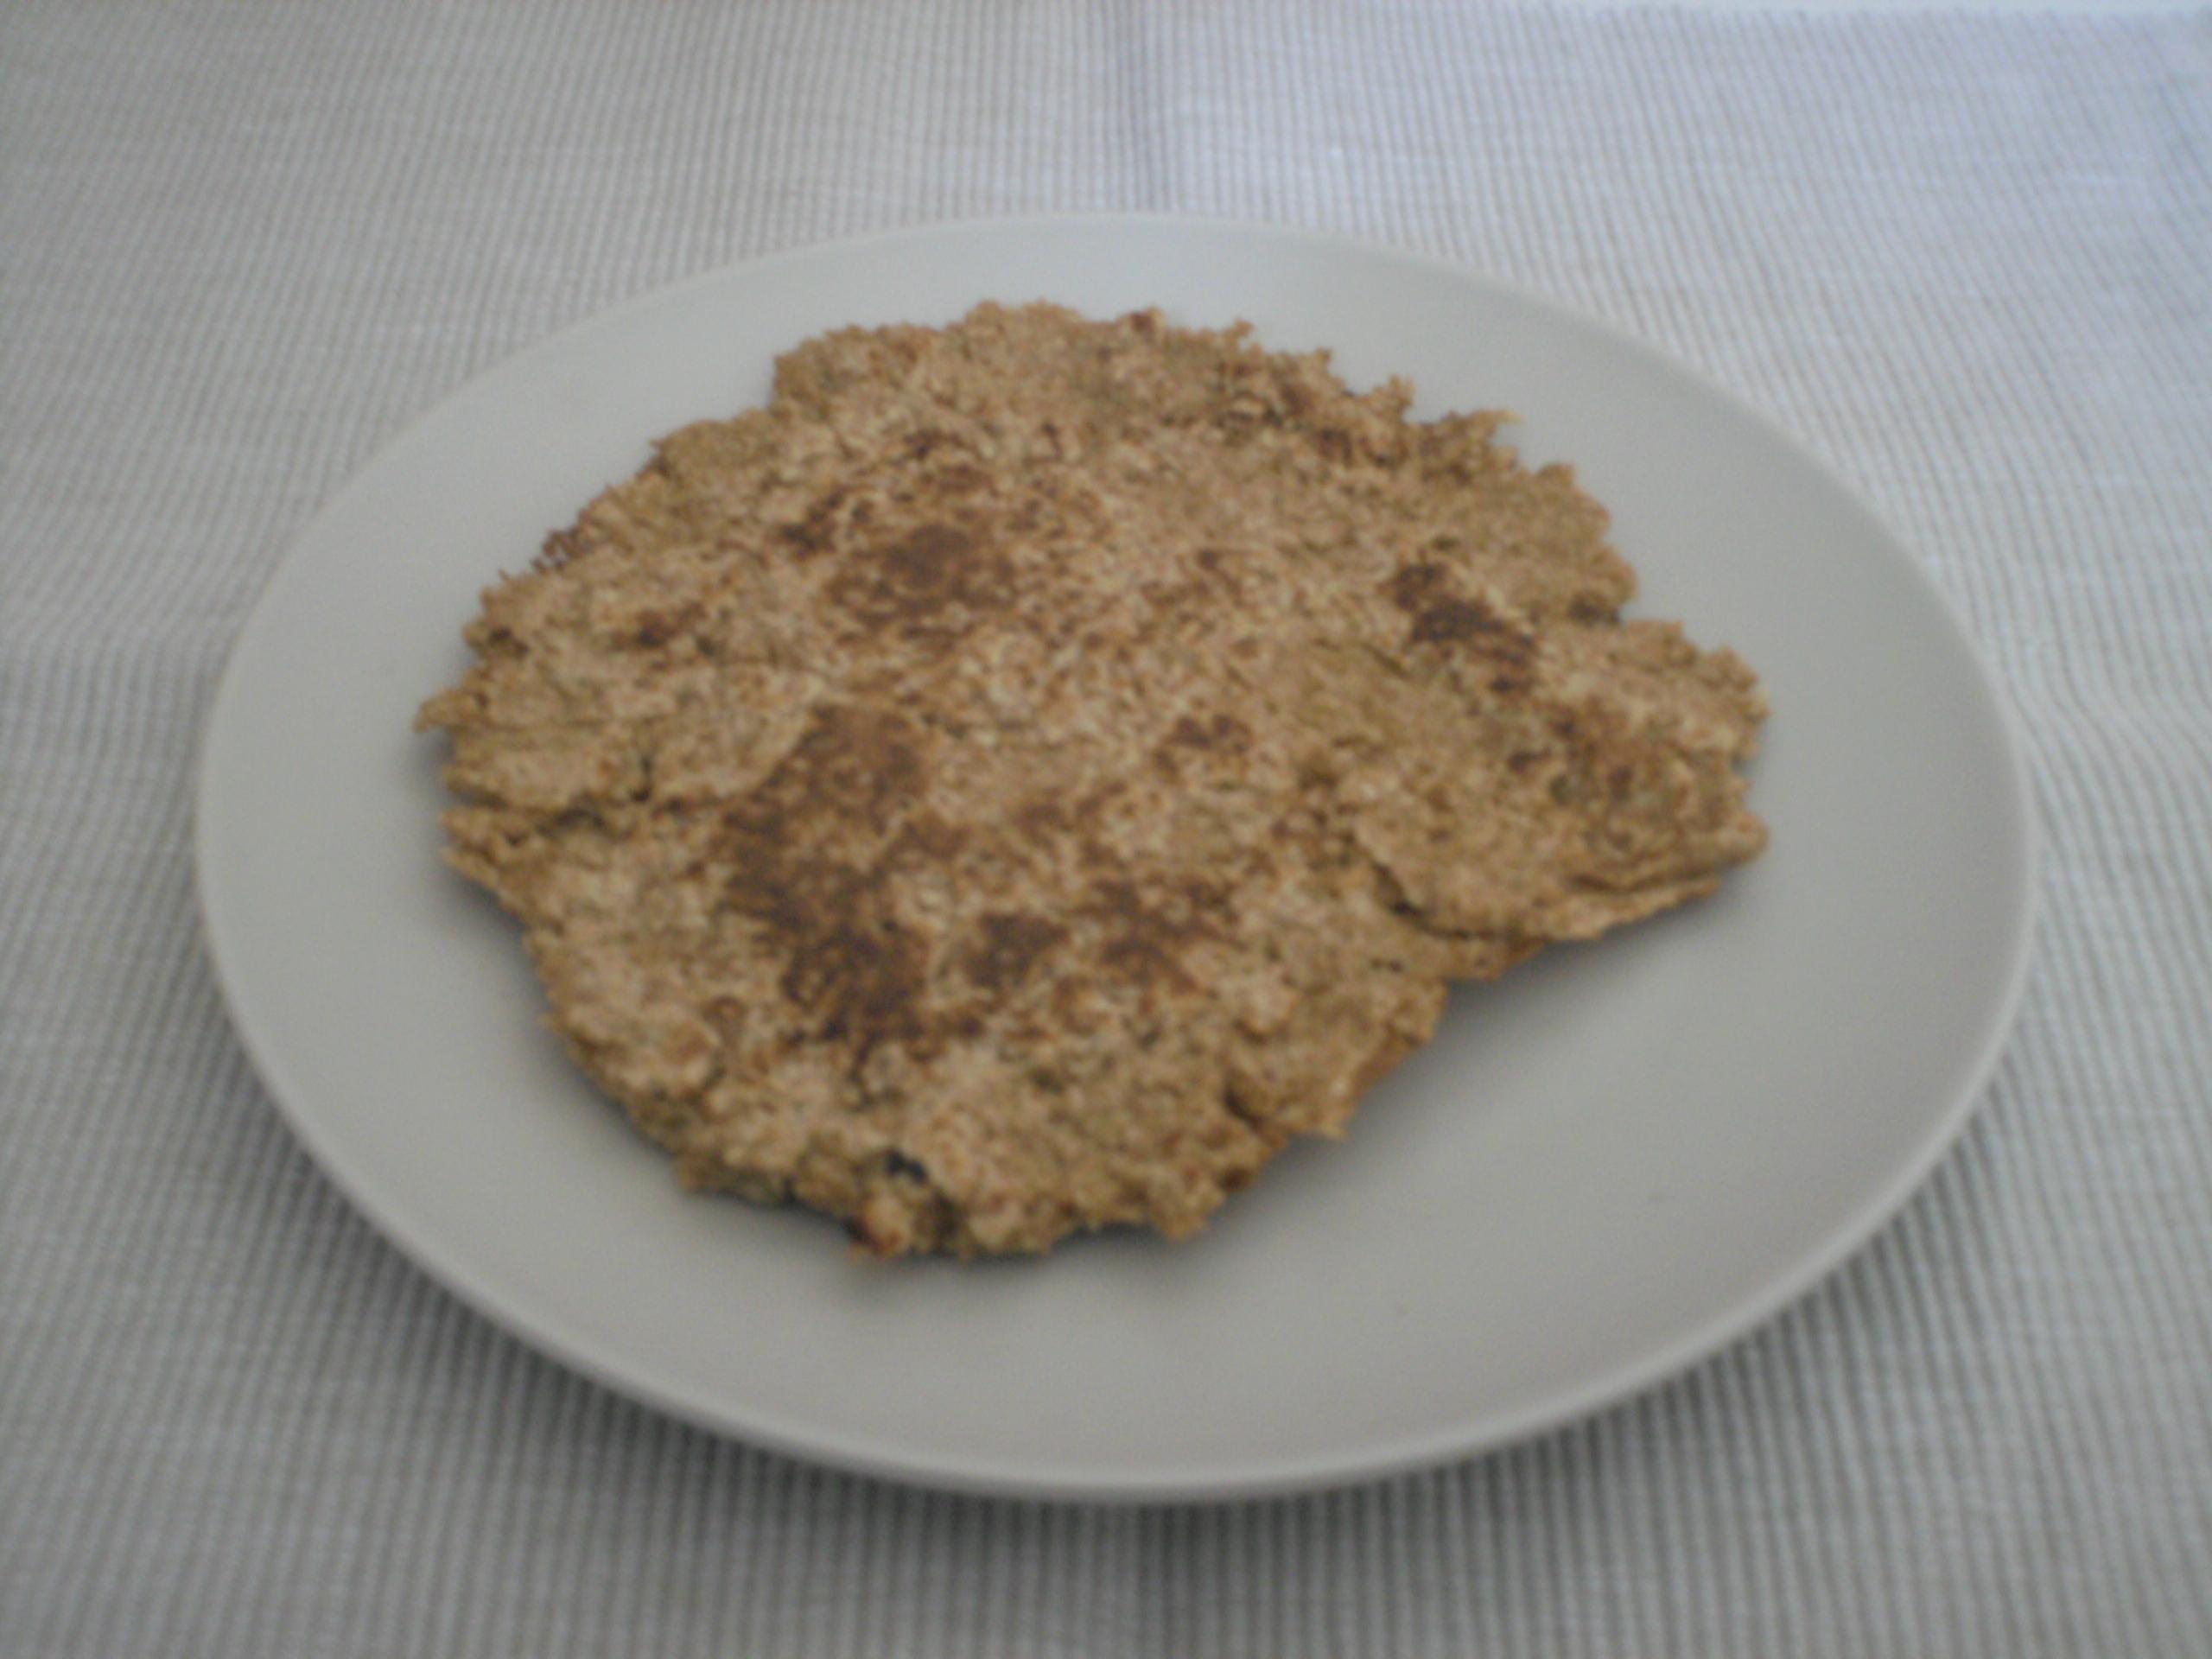 Regime dukan galette de son d'avoine recette